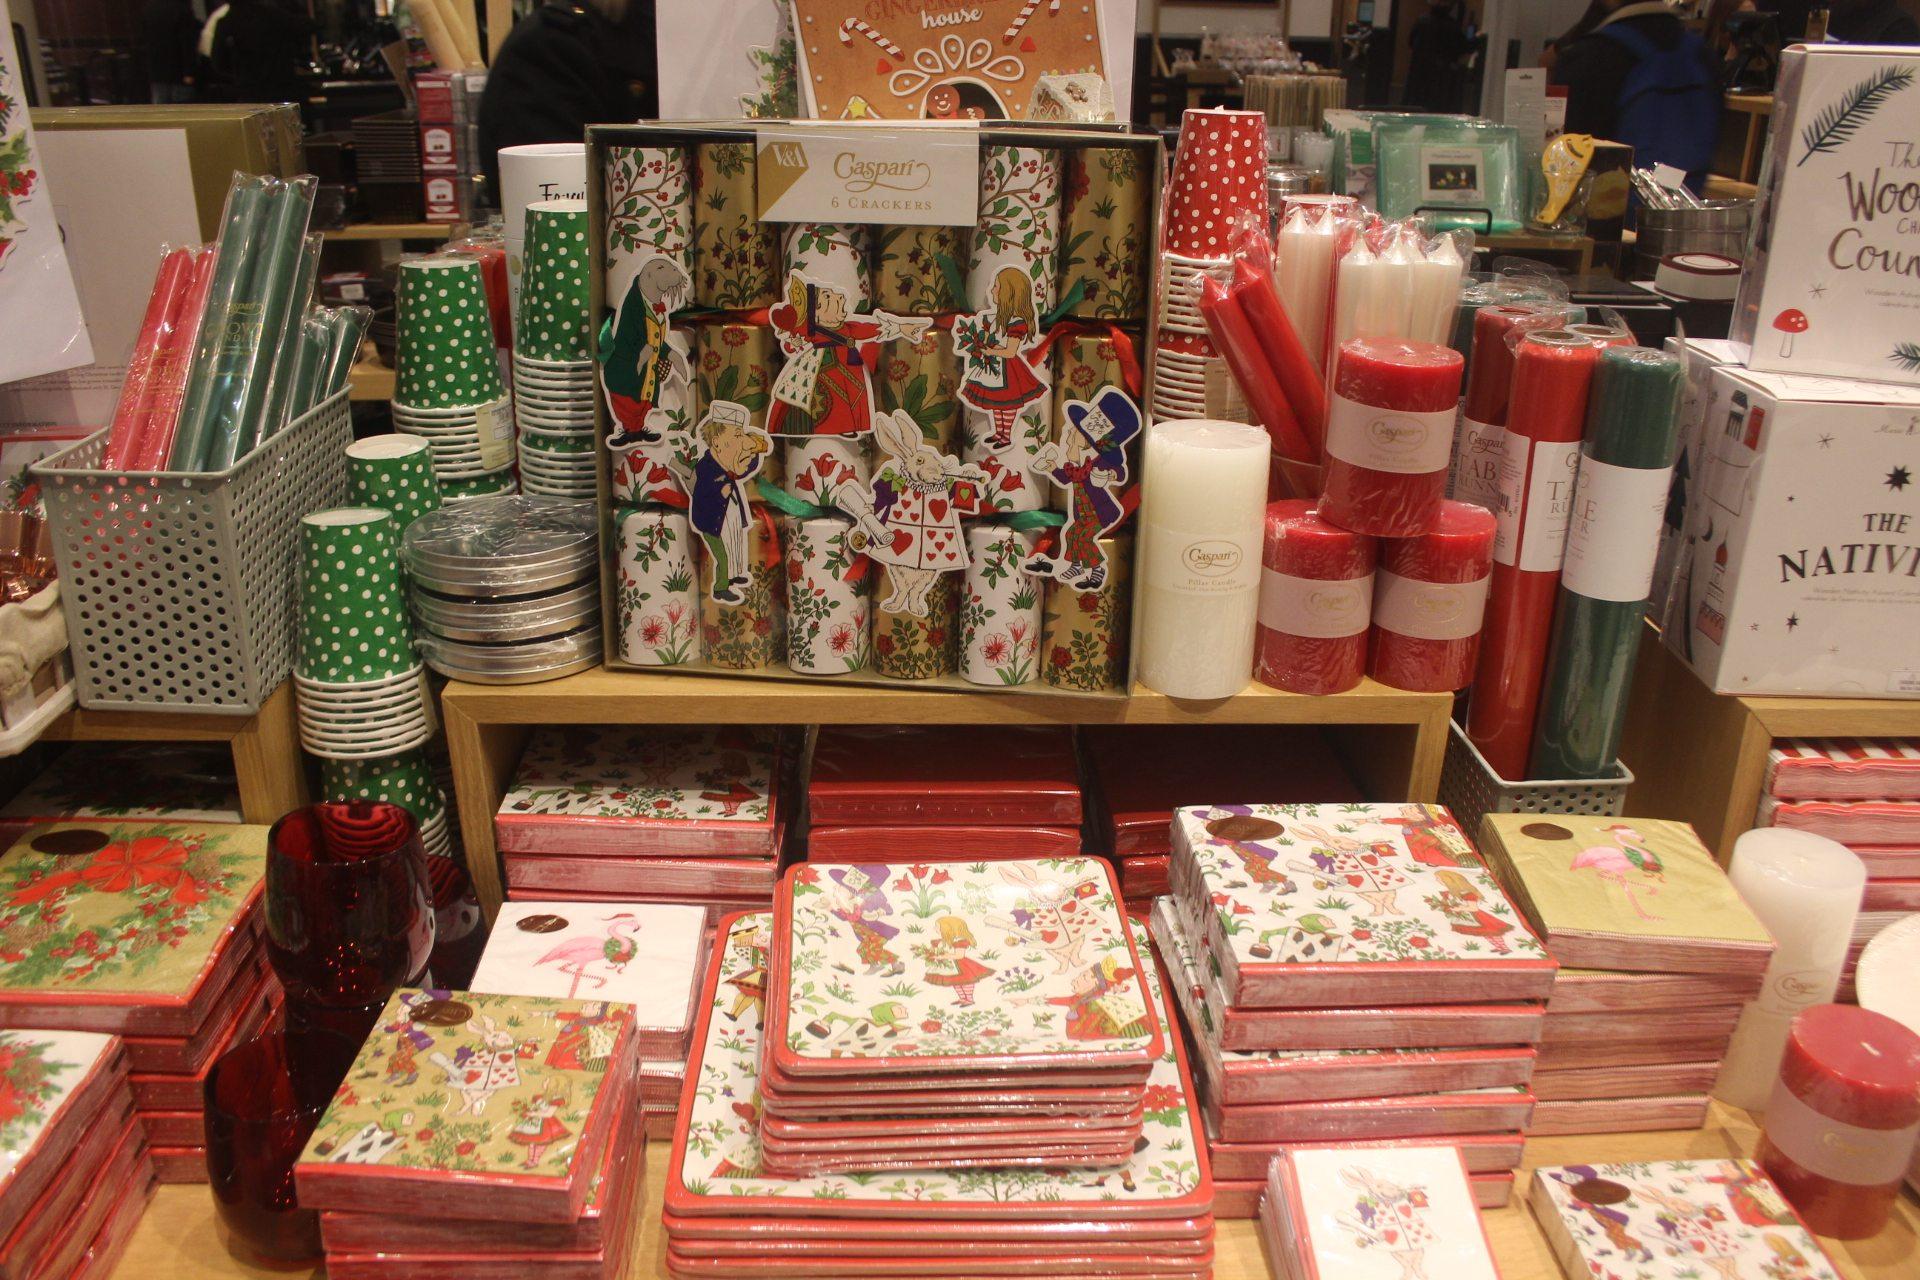 #A66925 Um Natal Gourmet Na Grande Épicerie Do Bon Marché Paris  5347 décorations de noel bon marché 1920x1280 px @ aertt.com